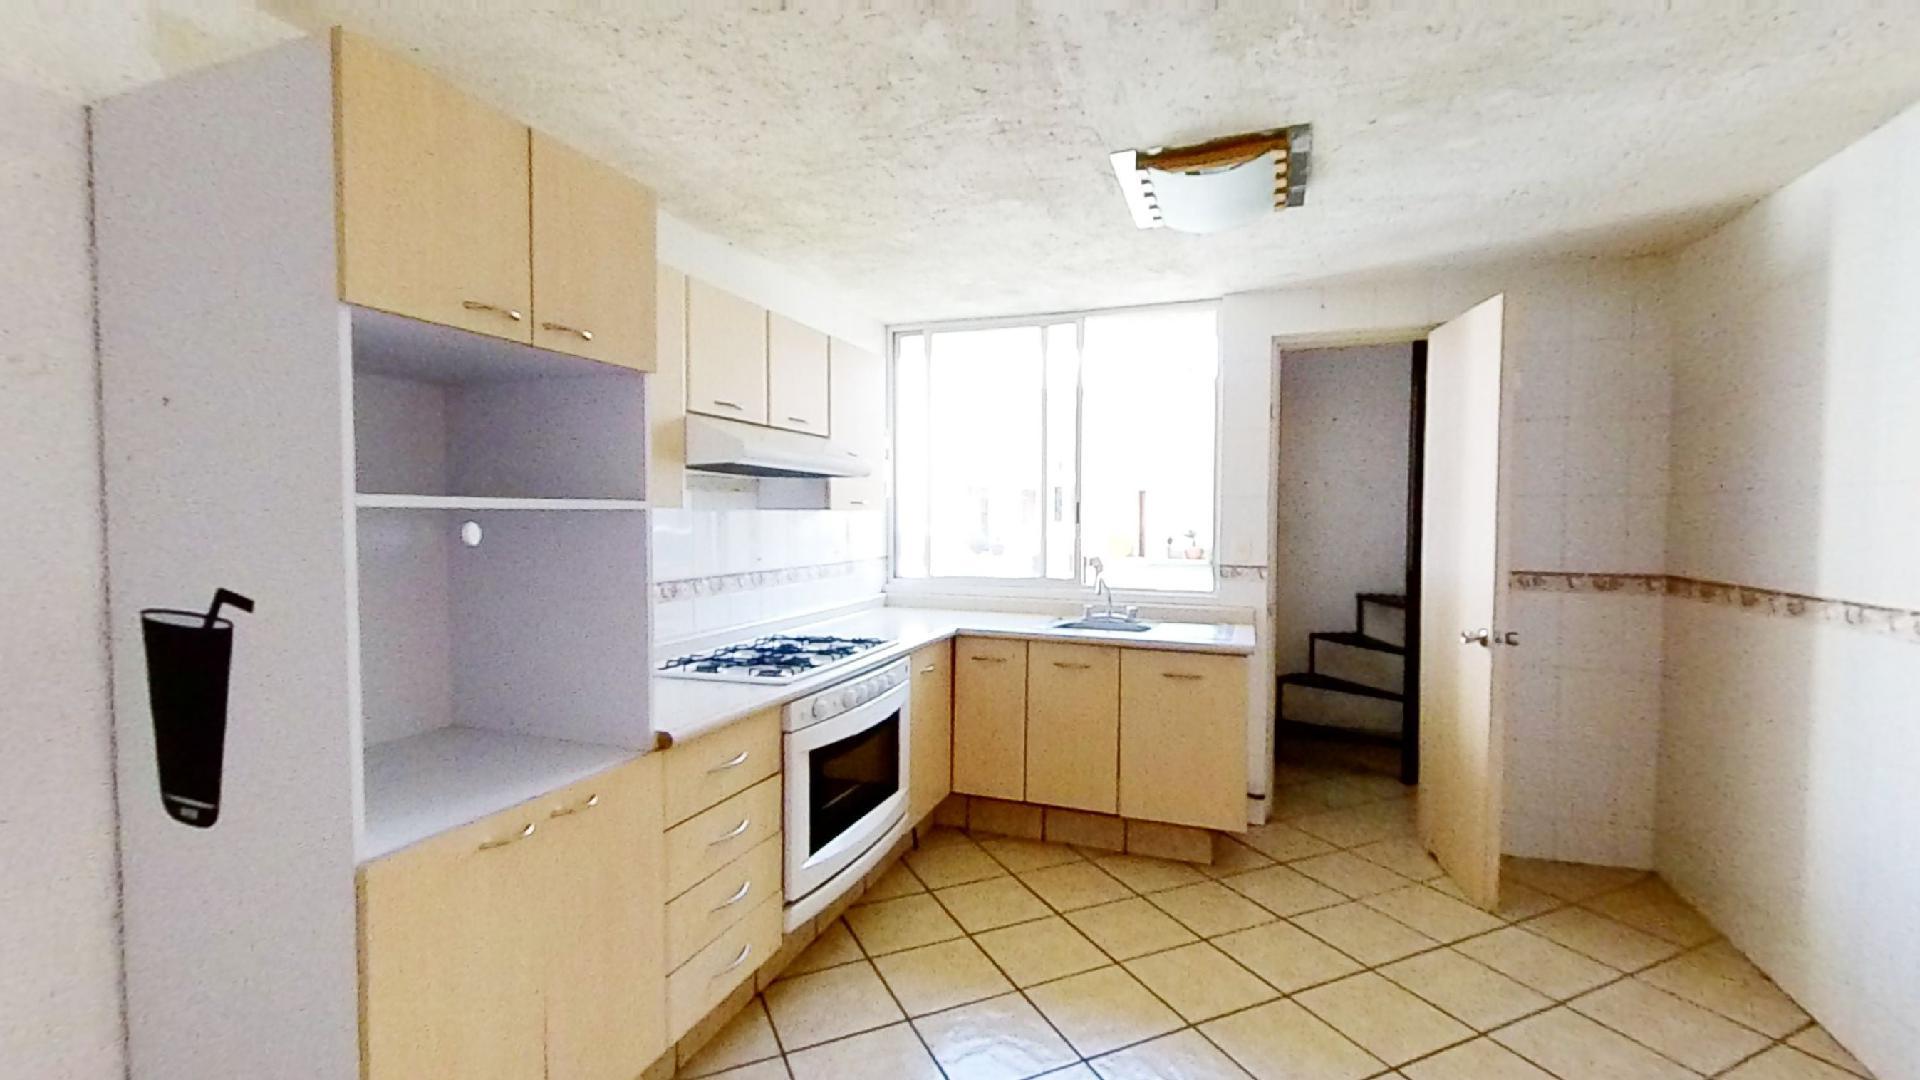 Casa en venta de 3 recámaras en Condominio Los Fresnos, Naucalpan de Juárez, entre Lomas Verdes y Jardines de San Mateo, EDOMEX. Cocina 2